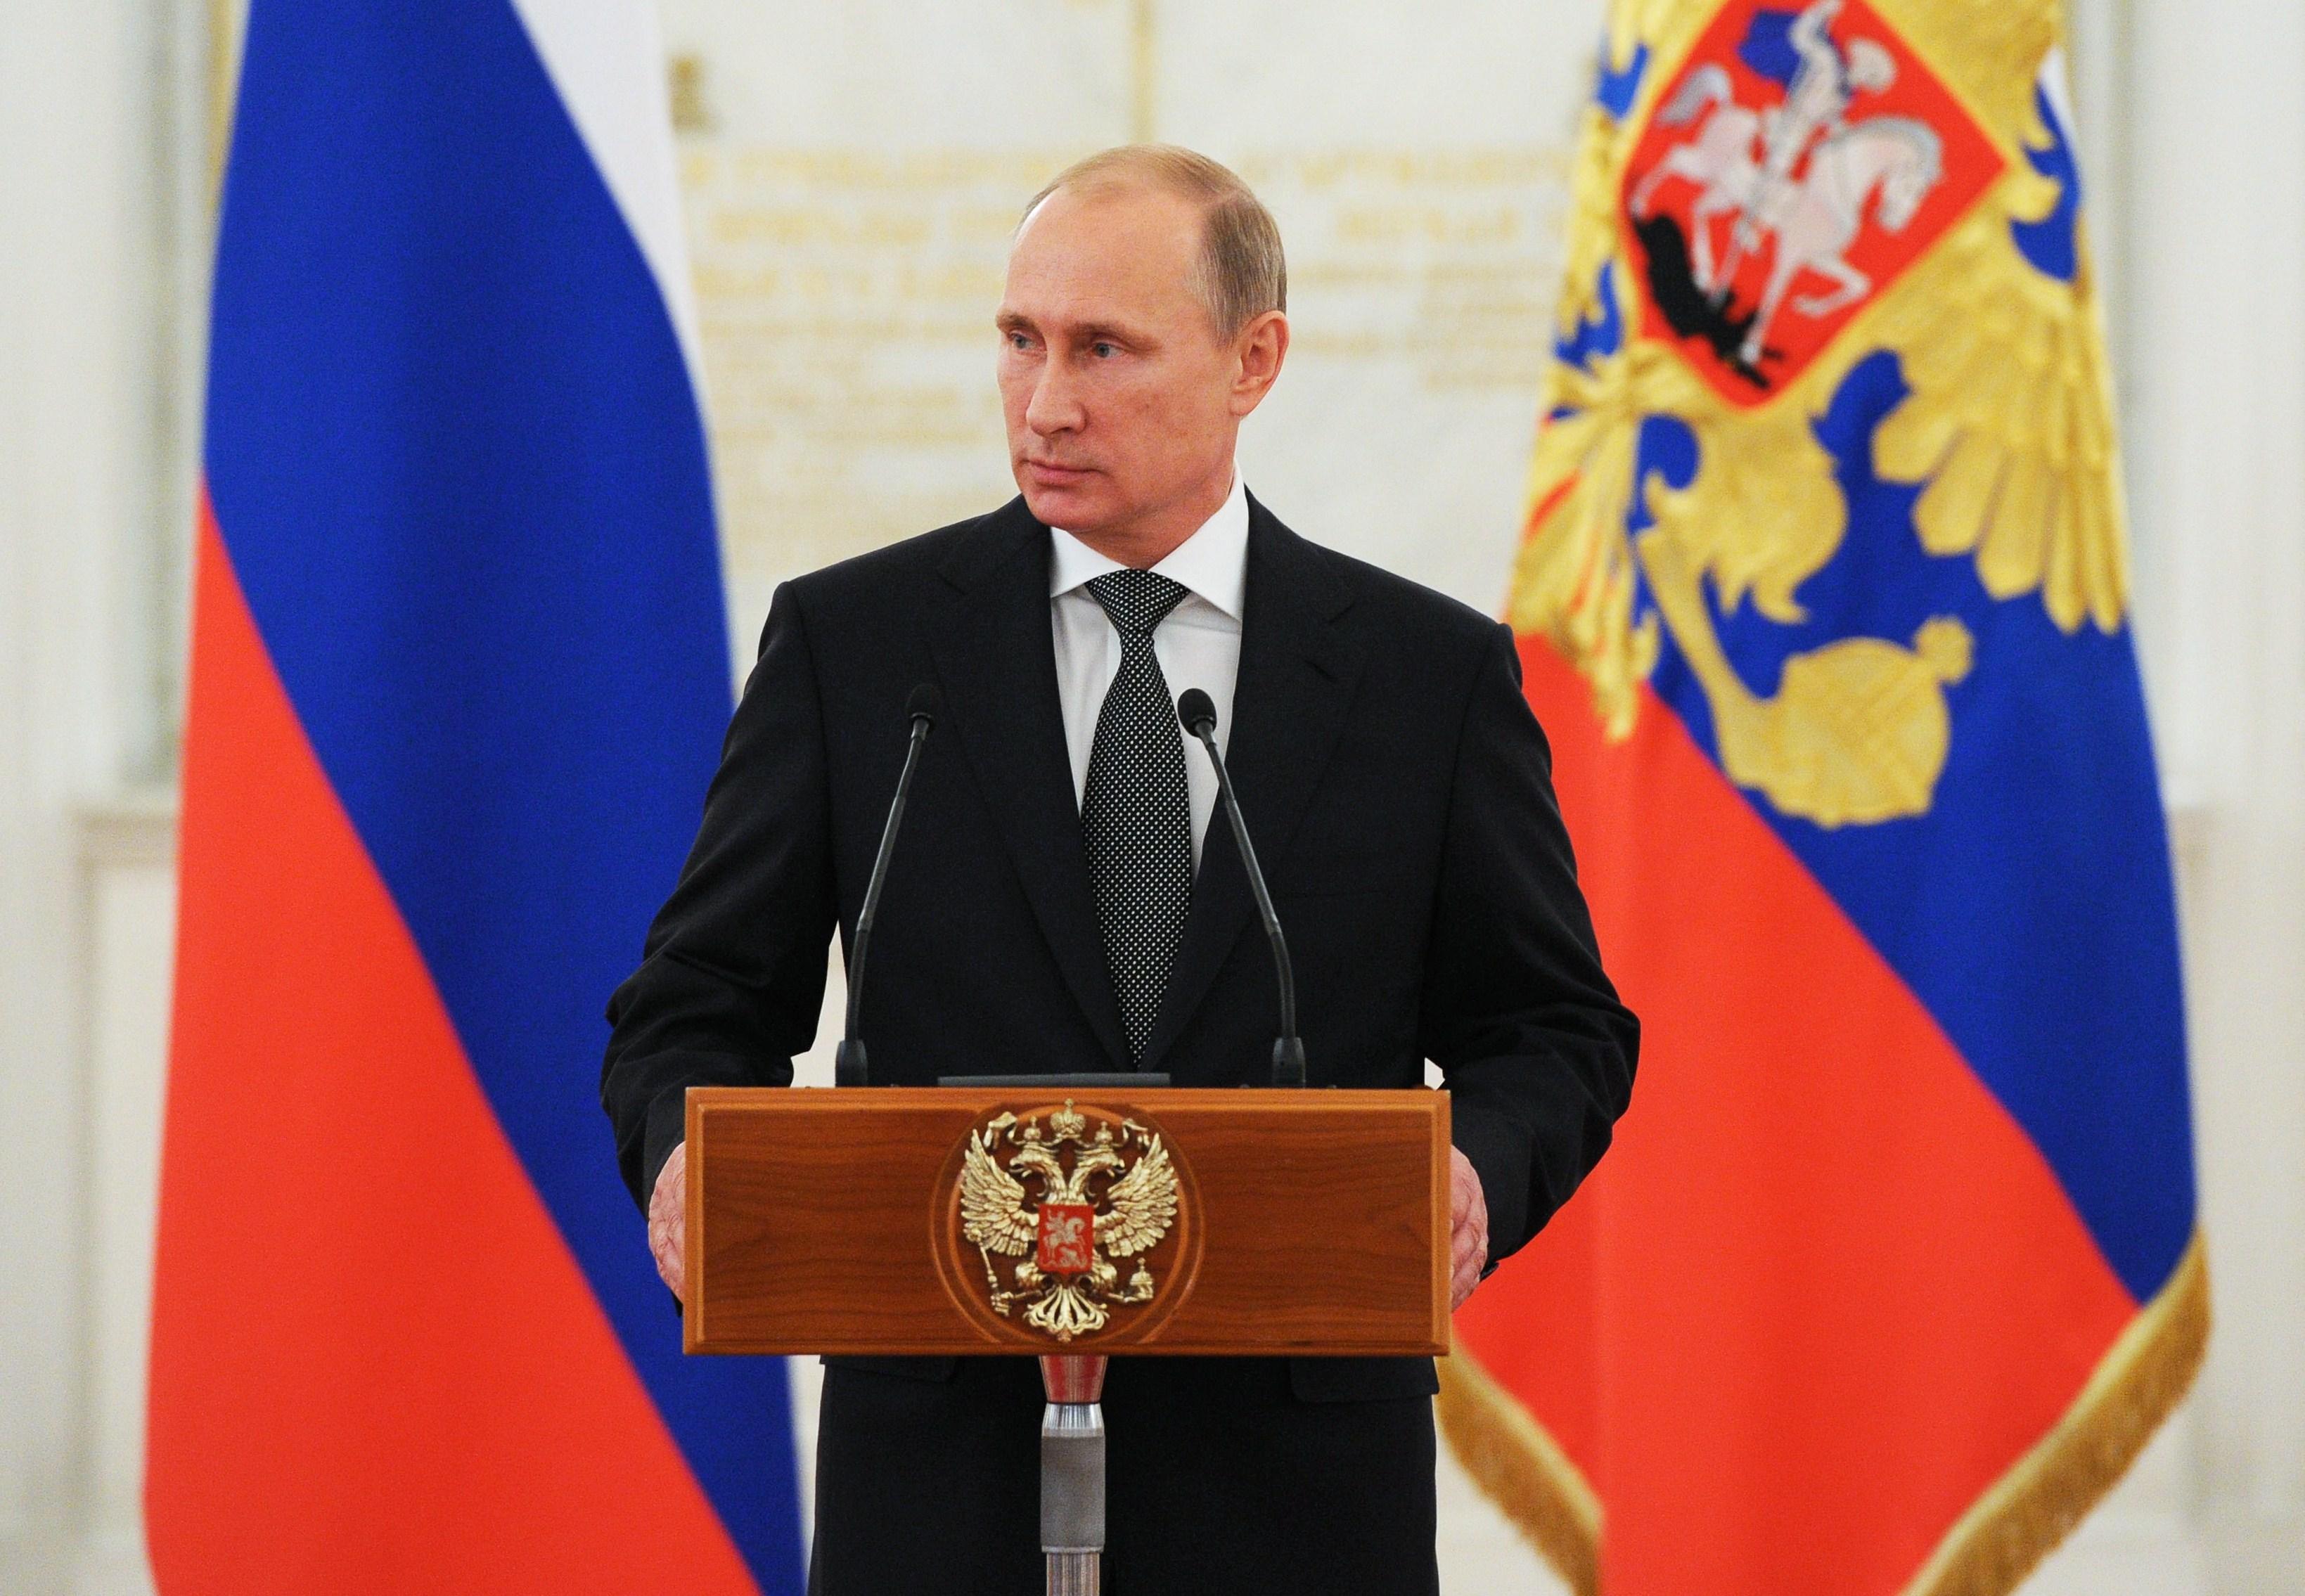 Mesajul trimis de Rusia Occidentului dupa numarul neobisnuit de mare de avioane militare in spatiul aerian al Europei